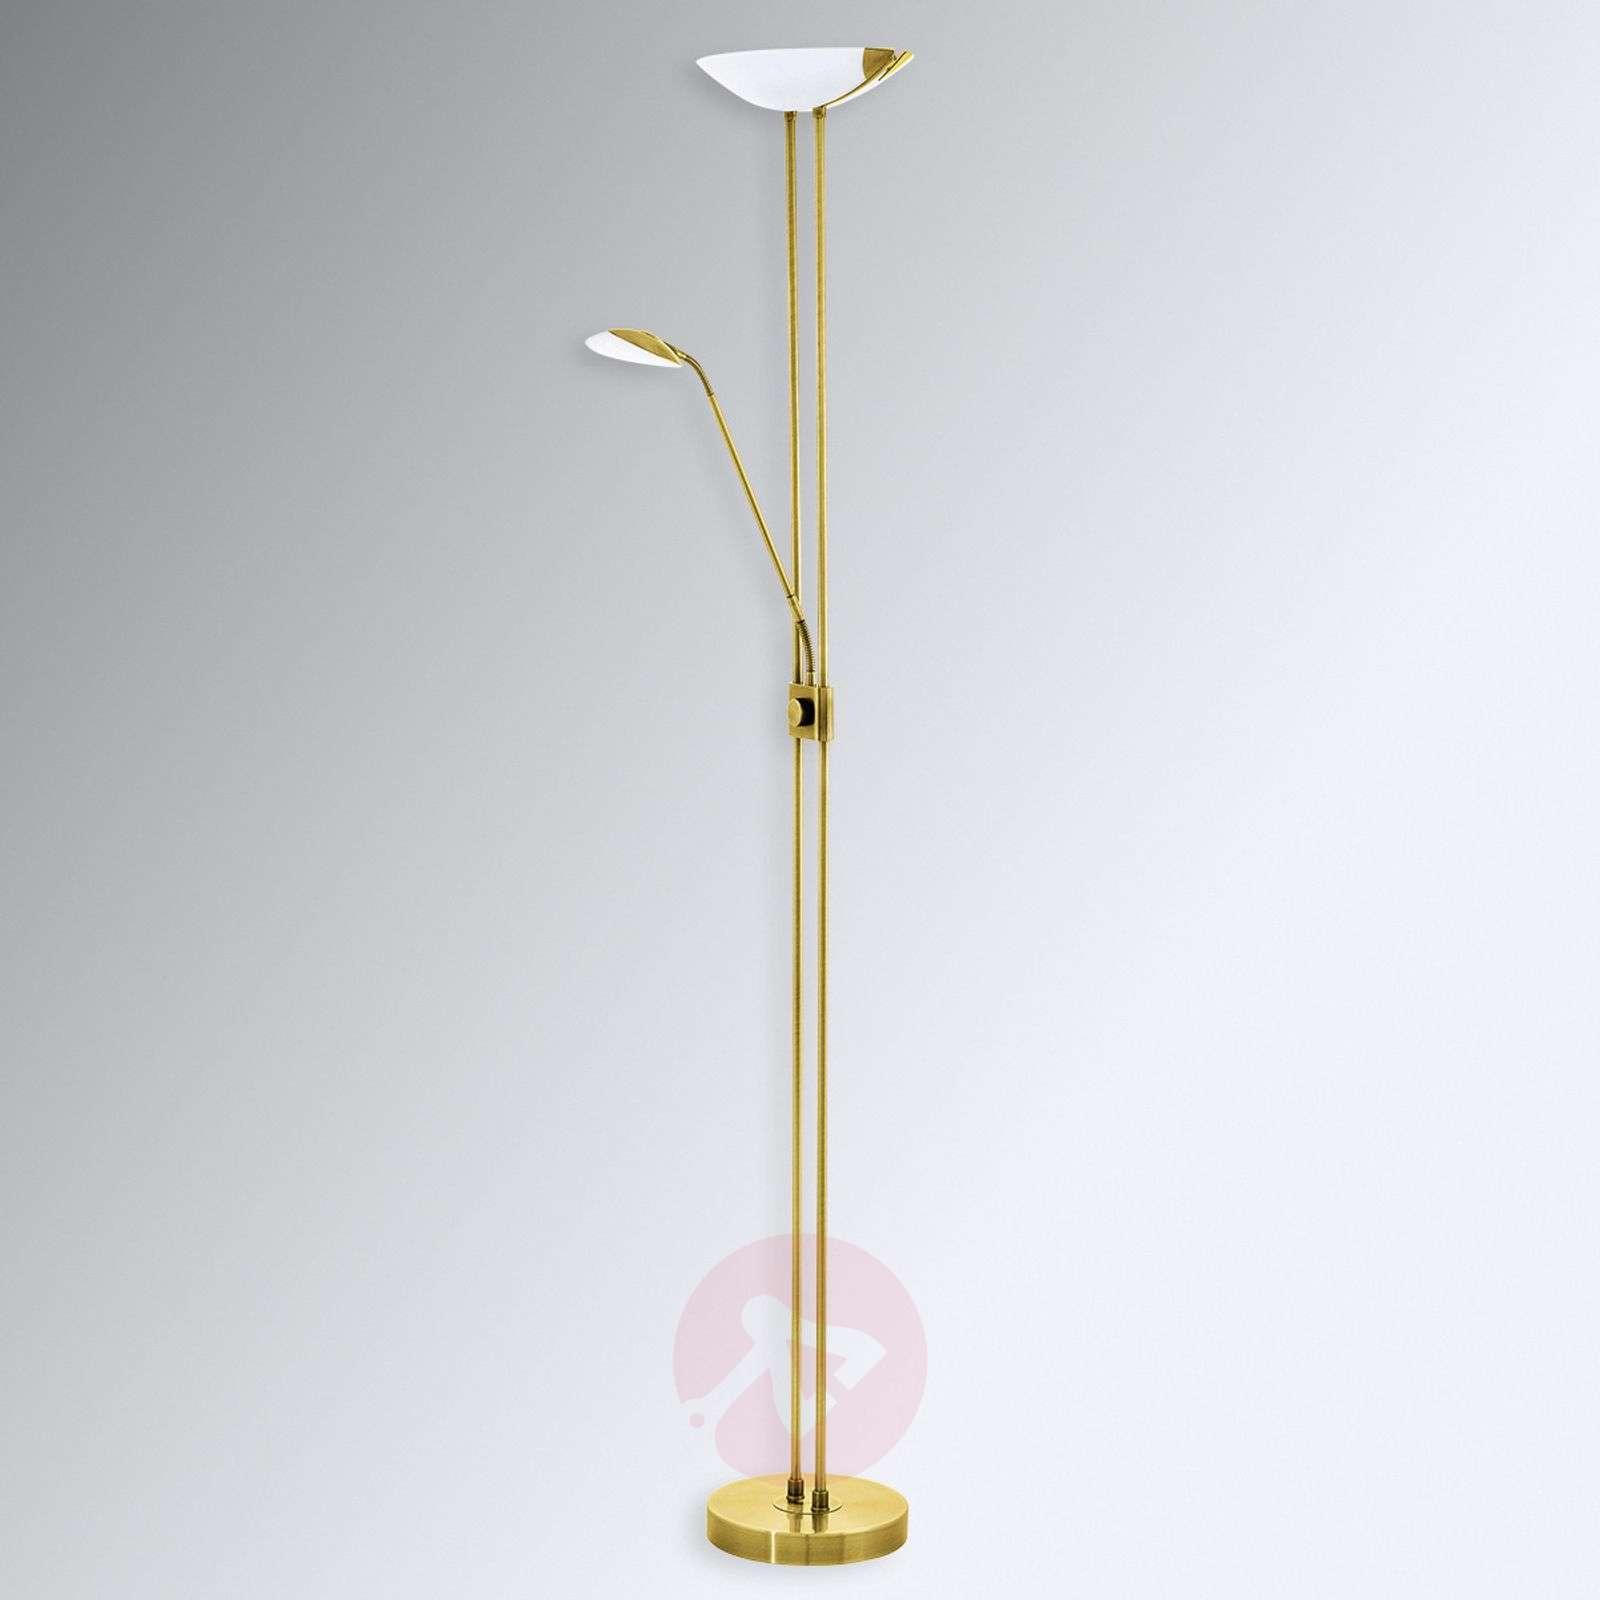 Staande lamp uplight led staande lamp modern industrie look